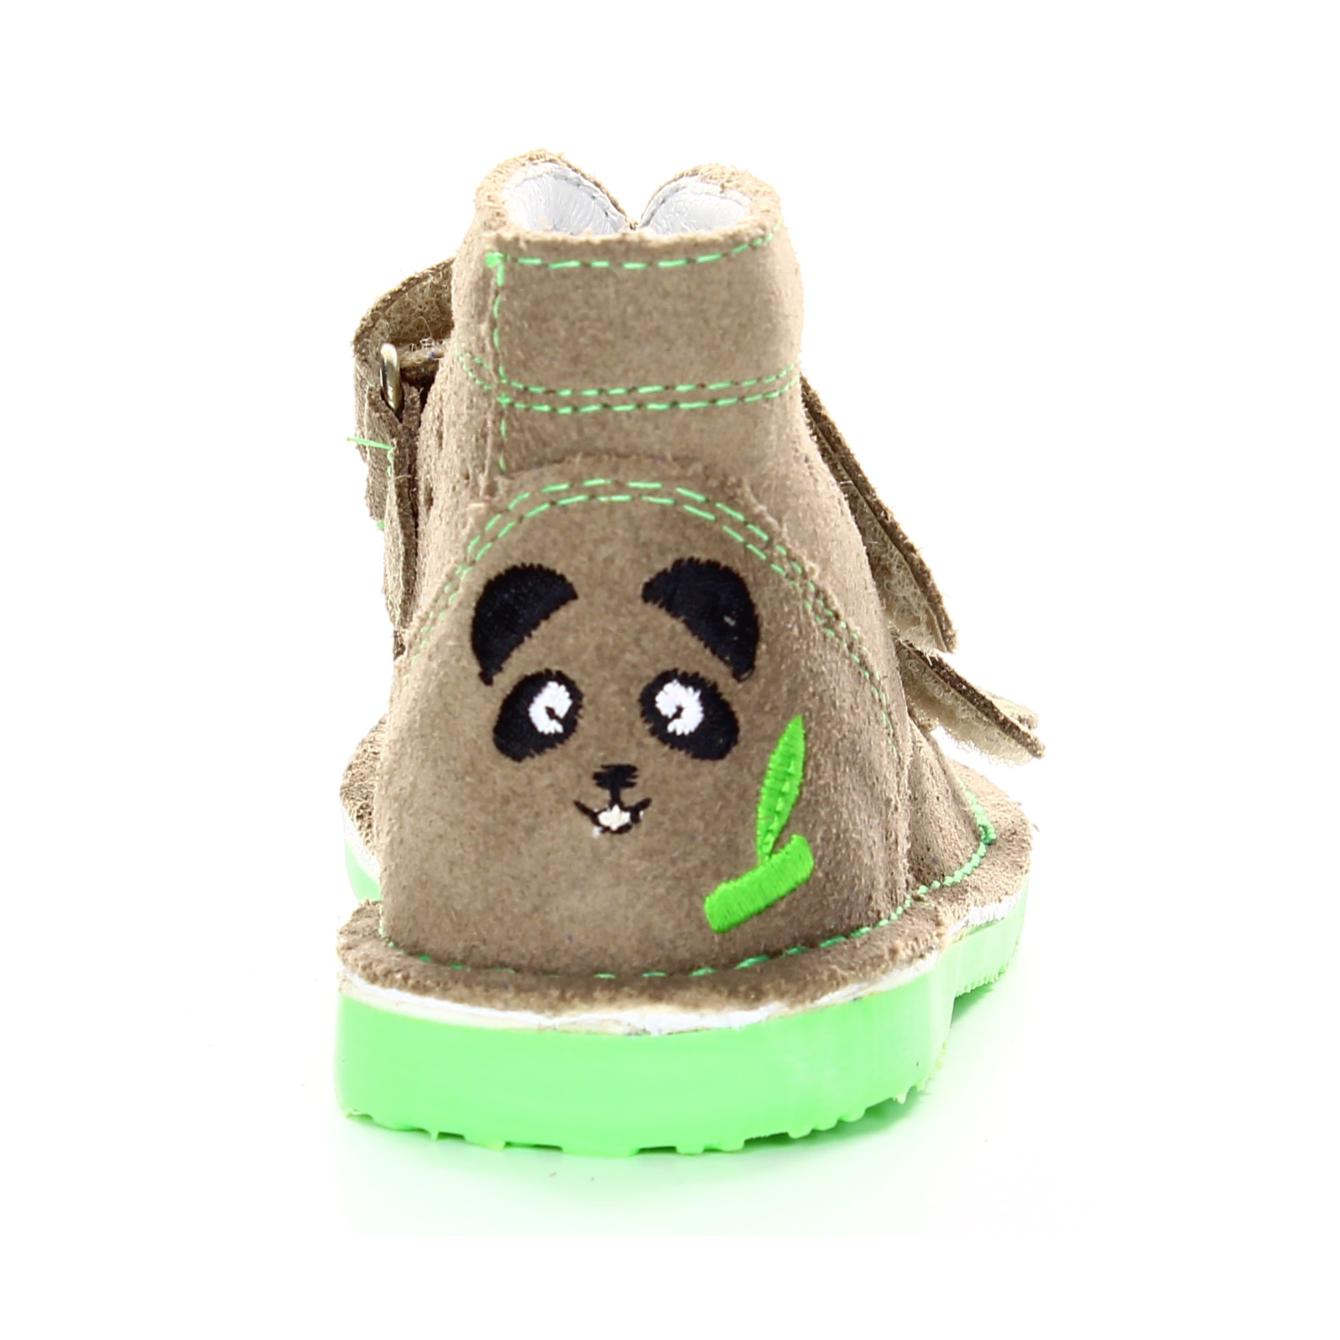 danielki buty profilaktyczne dla dzieci buty ortopedyczne danielki kraków